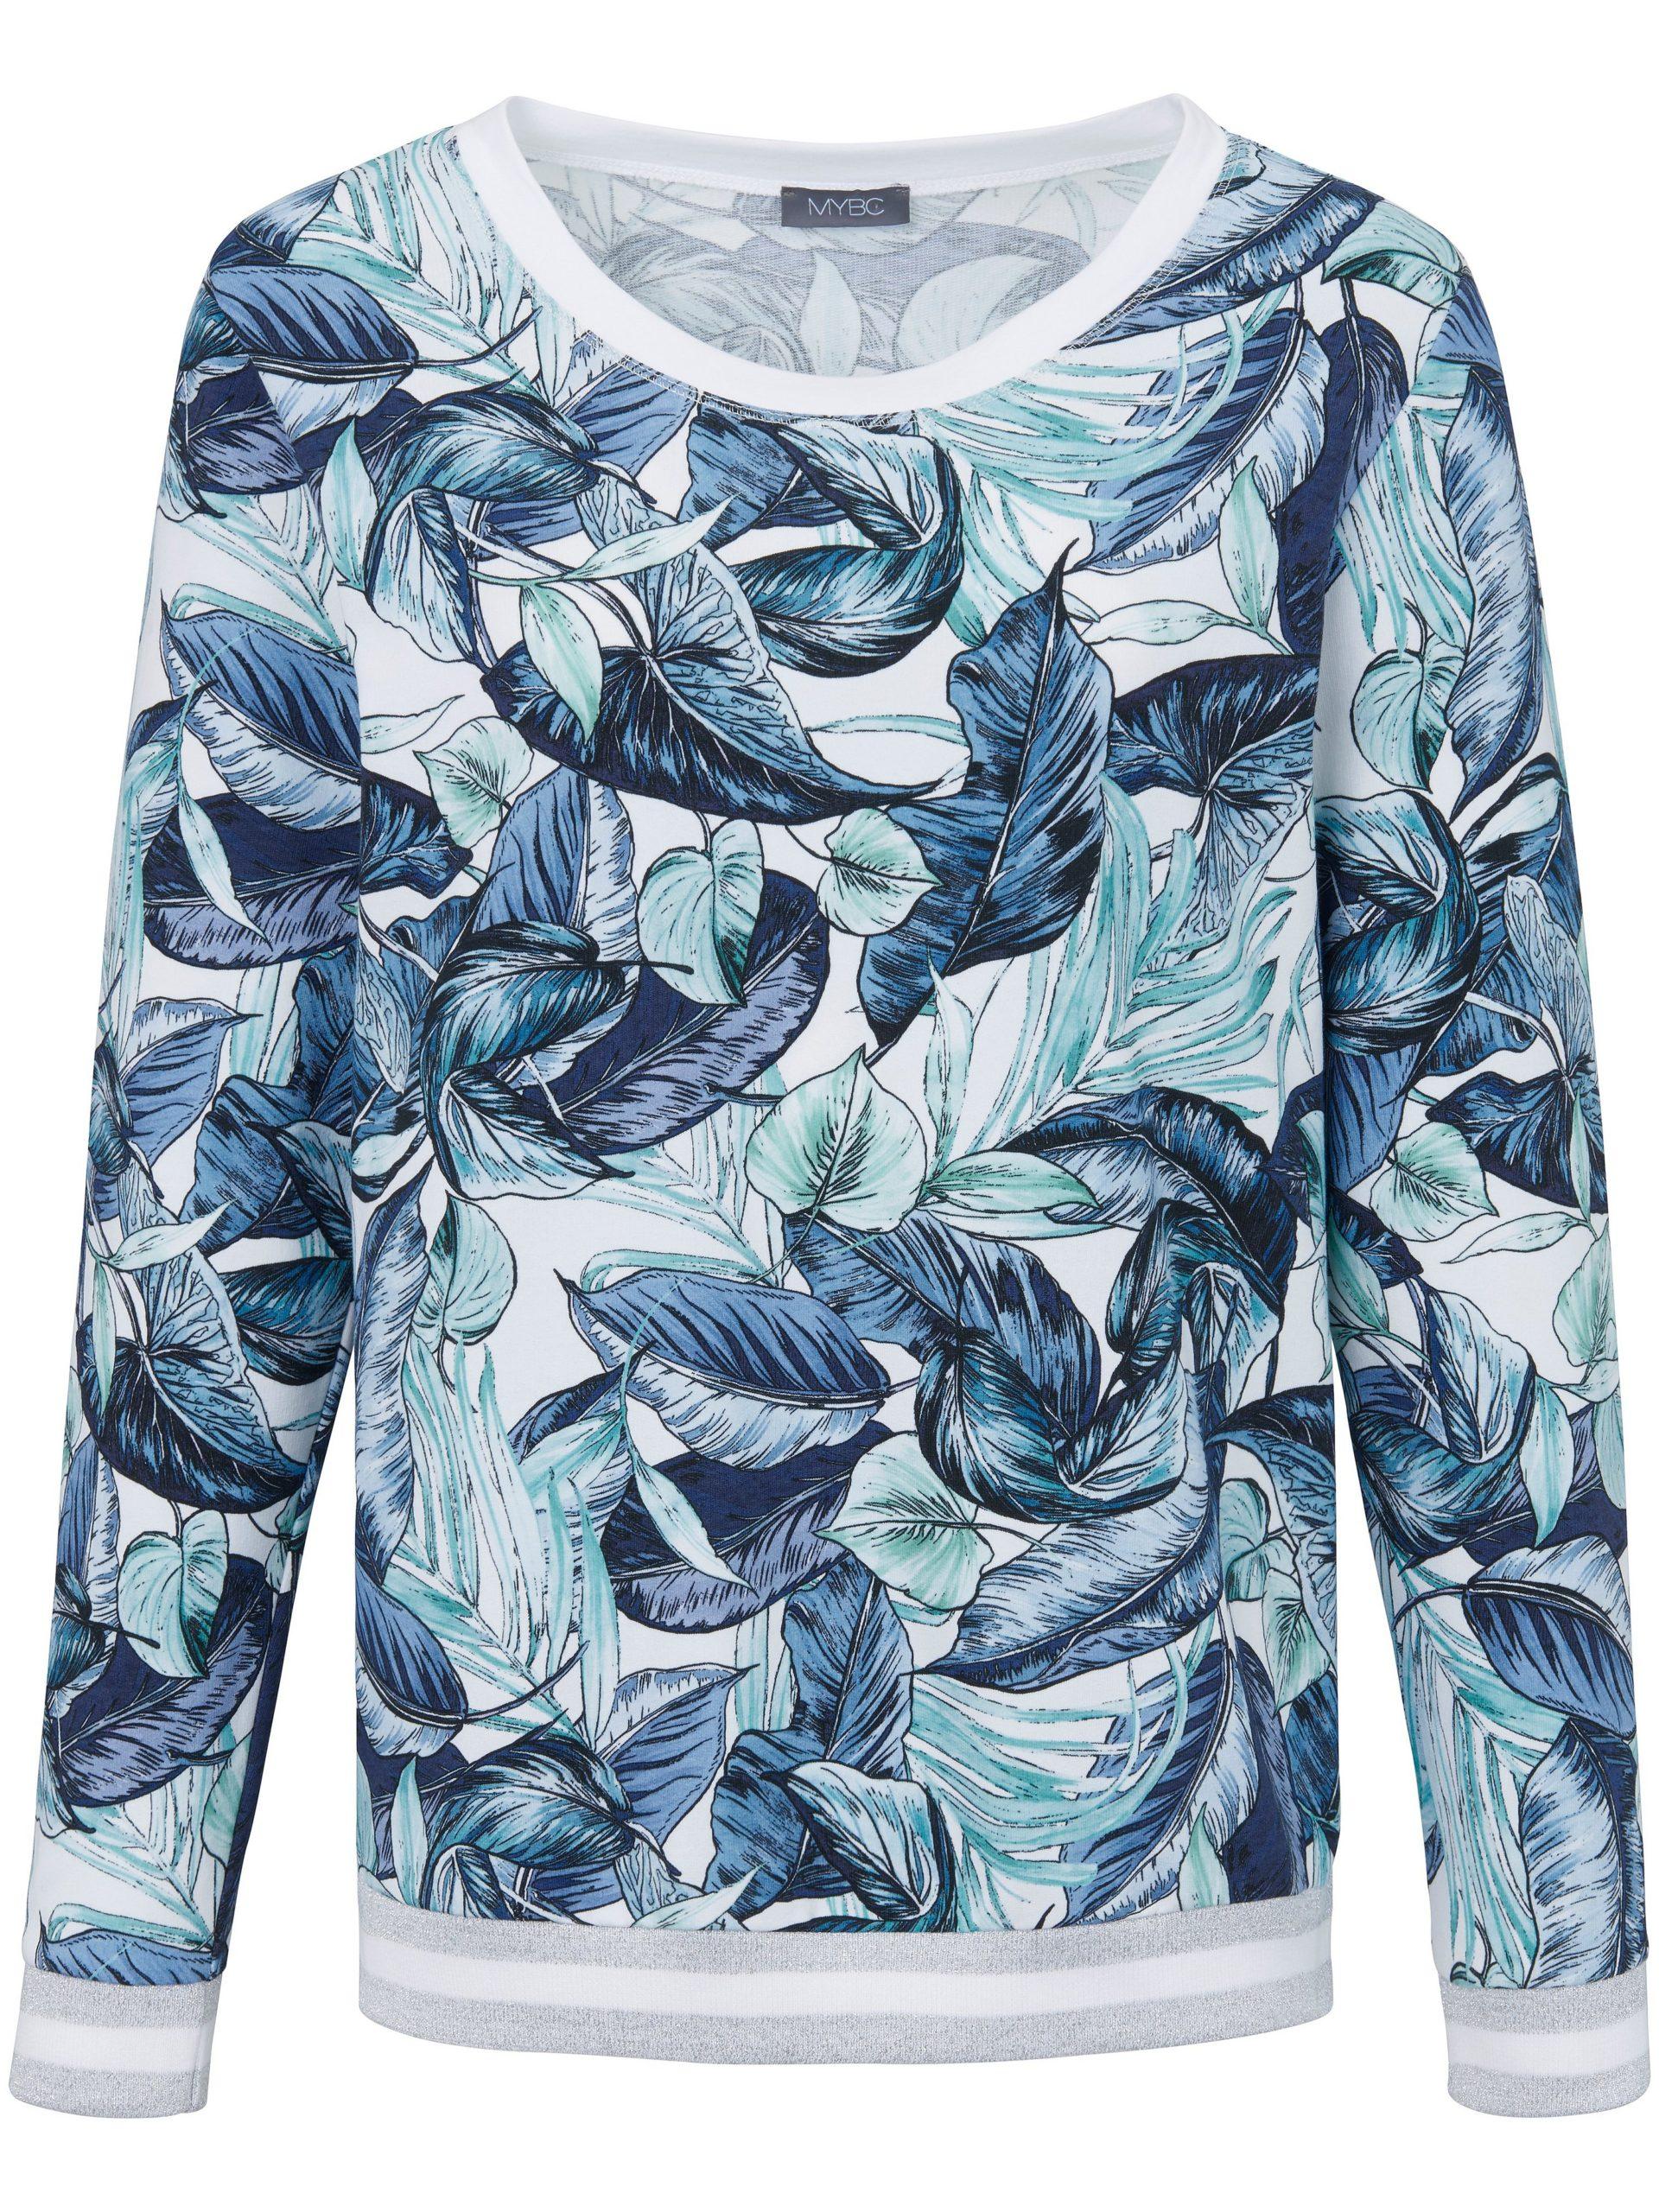 Sweatshirt met lange mouwen Van MYBC multicolour Kopen